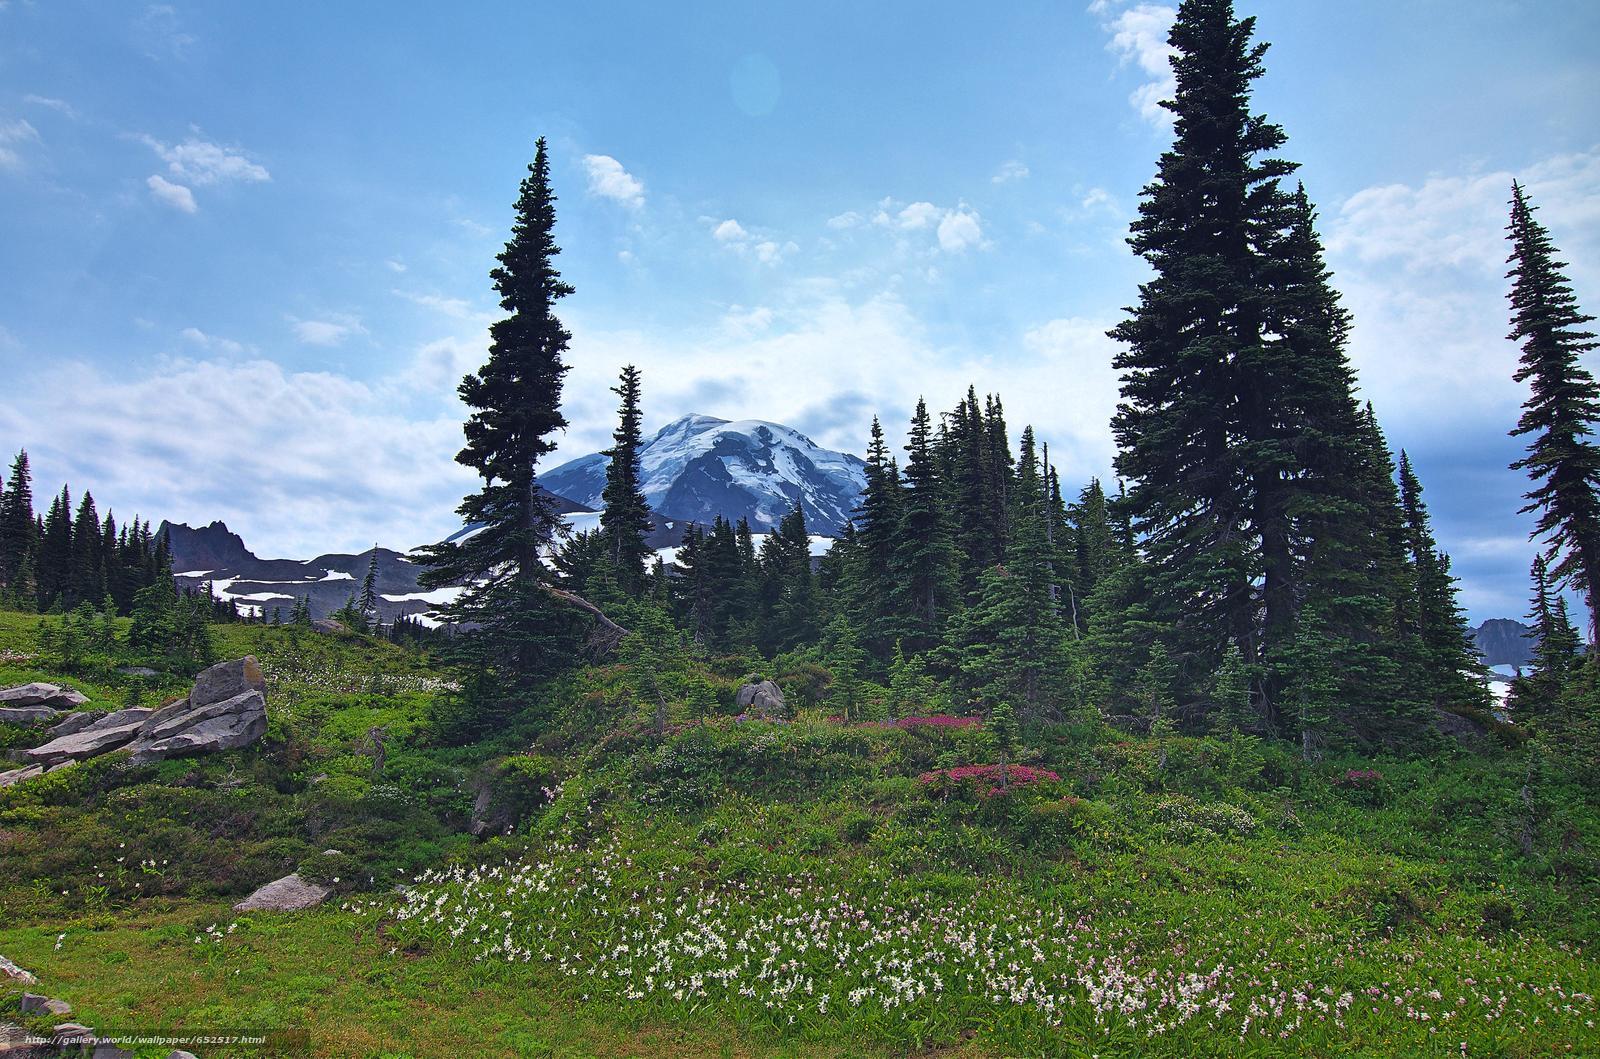 scaricare gli sfondi Mount Rainier National Park,  Montagne,  Colline,  alberi Sfondi gratis per la risoluzione del desktop 4895x3241 — immagine №652517